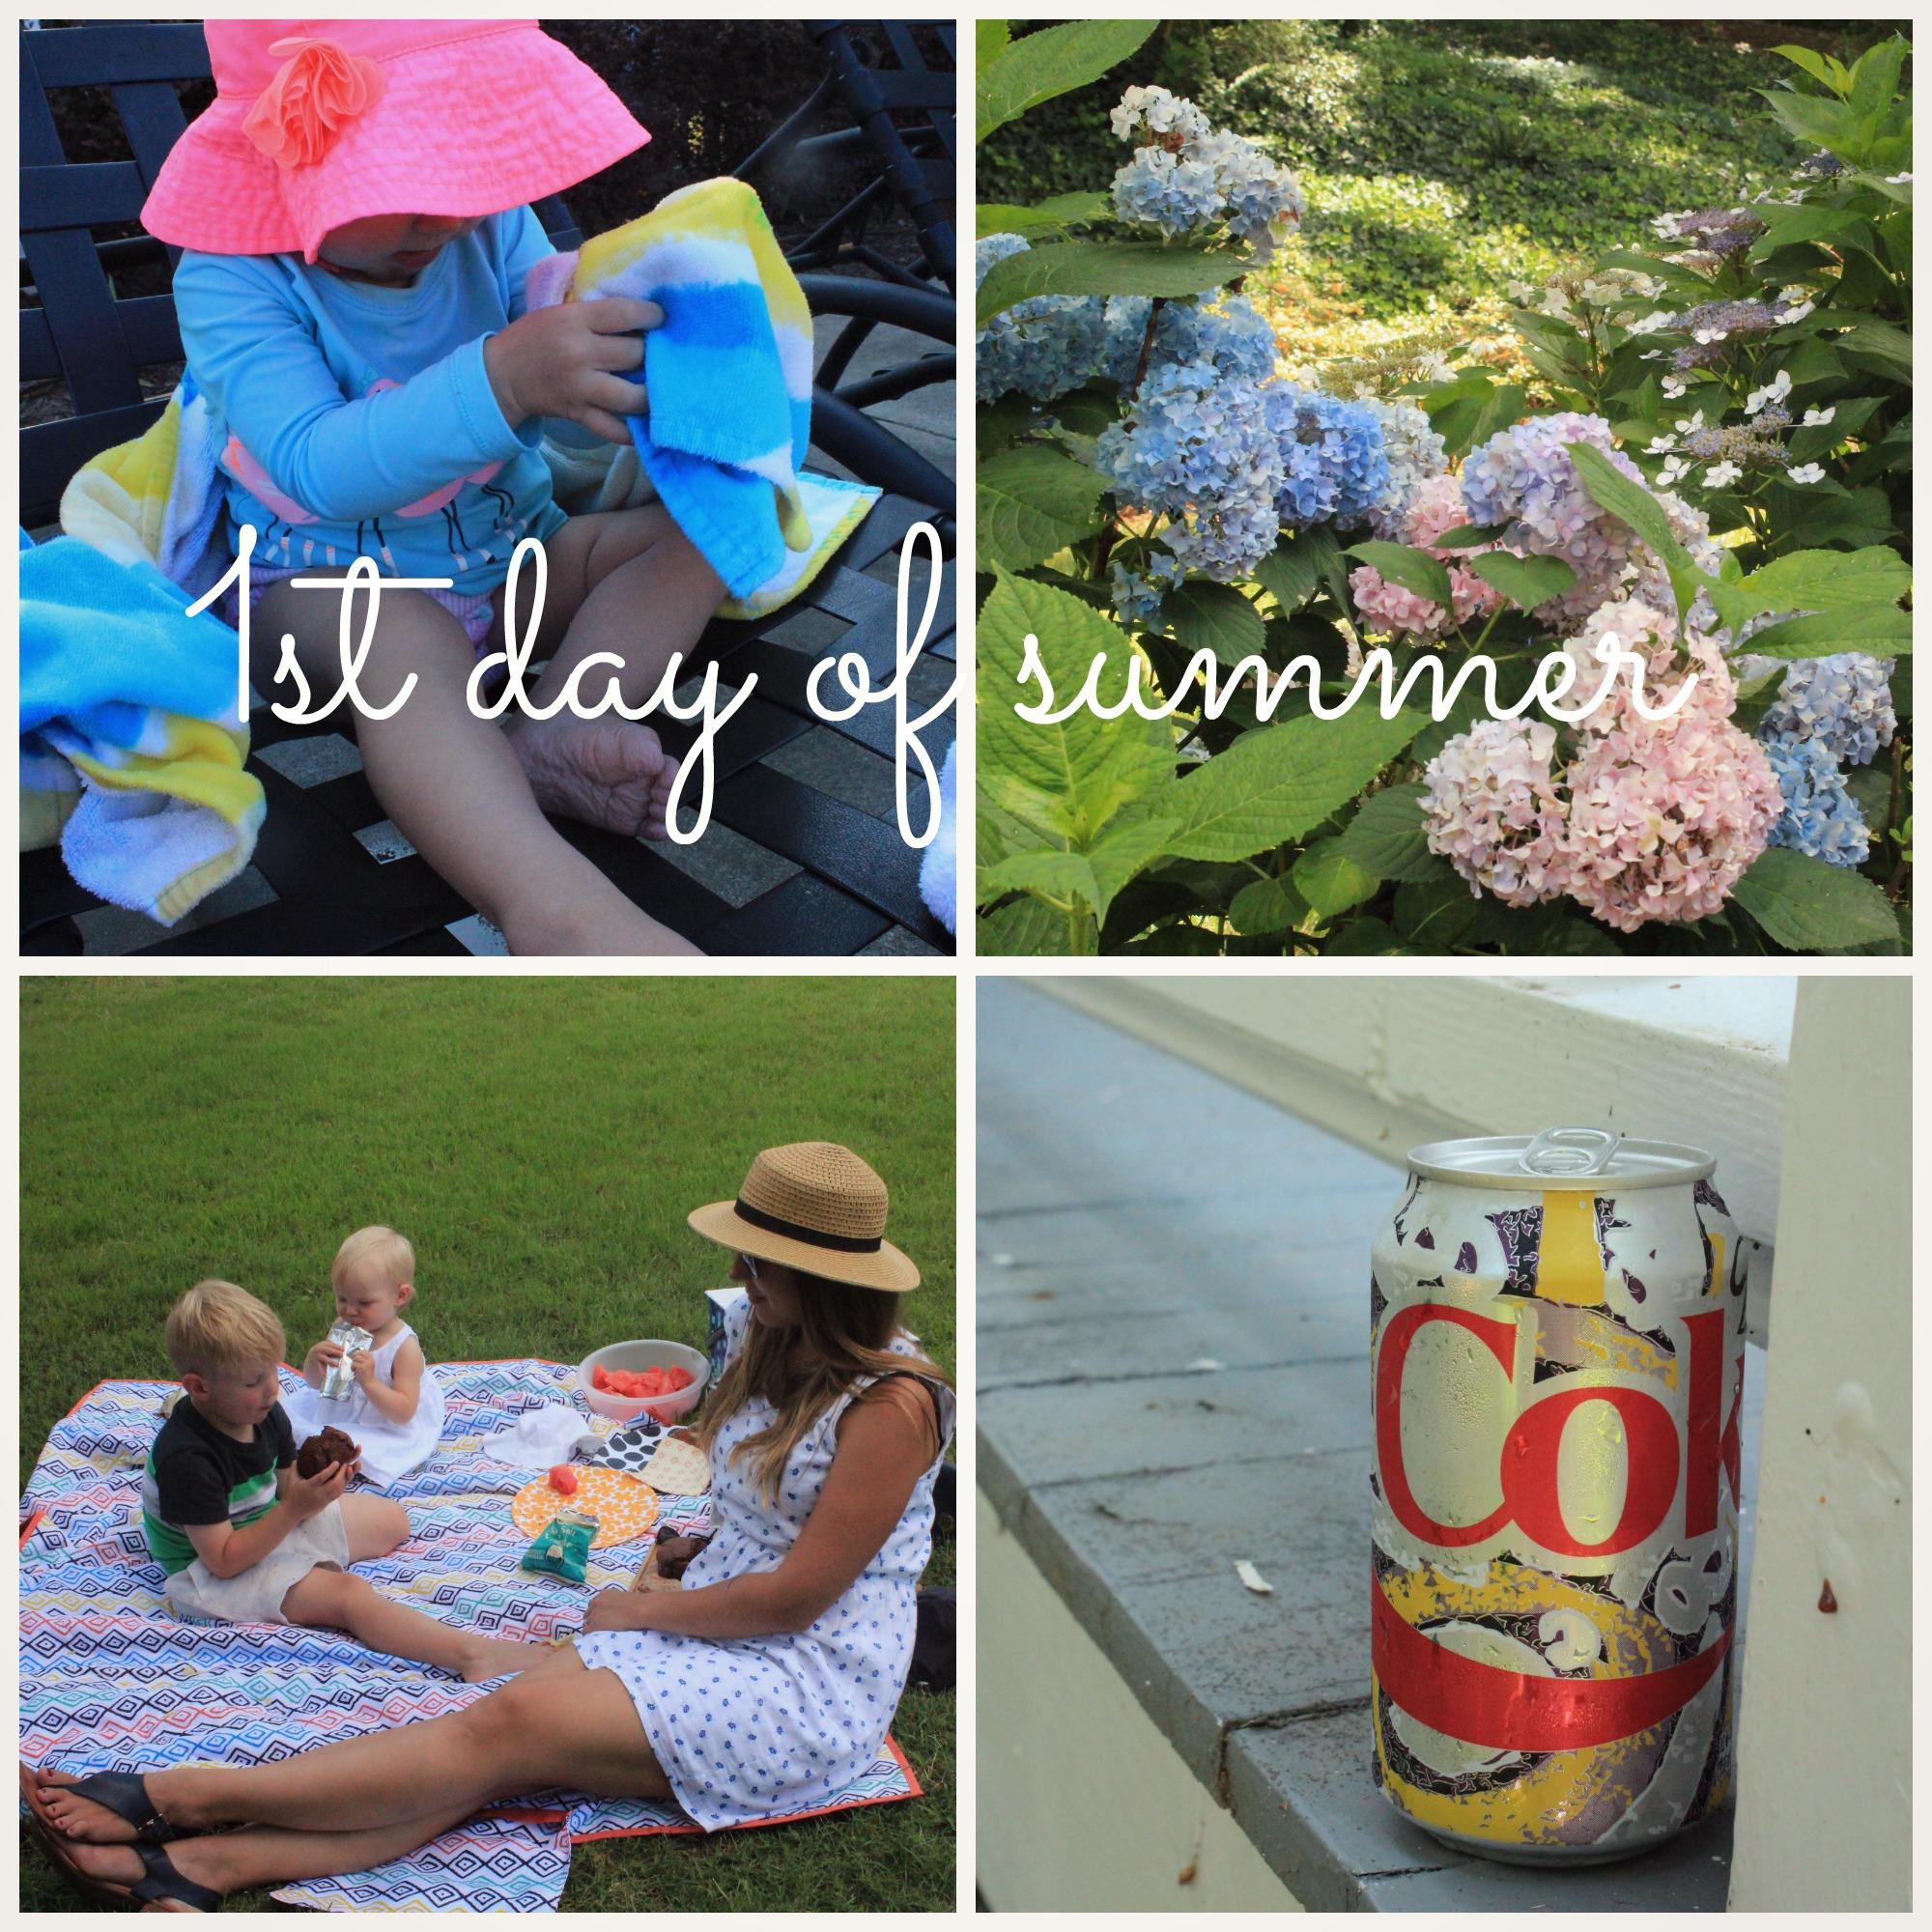 1st_day_of_summer.jpg